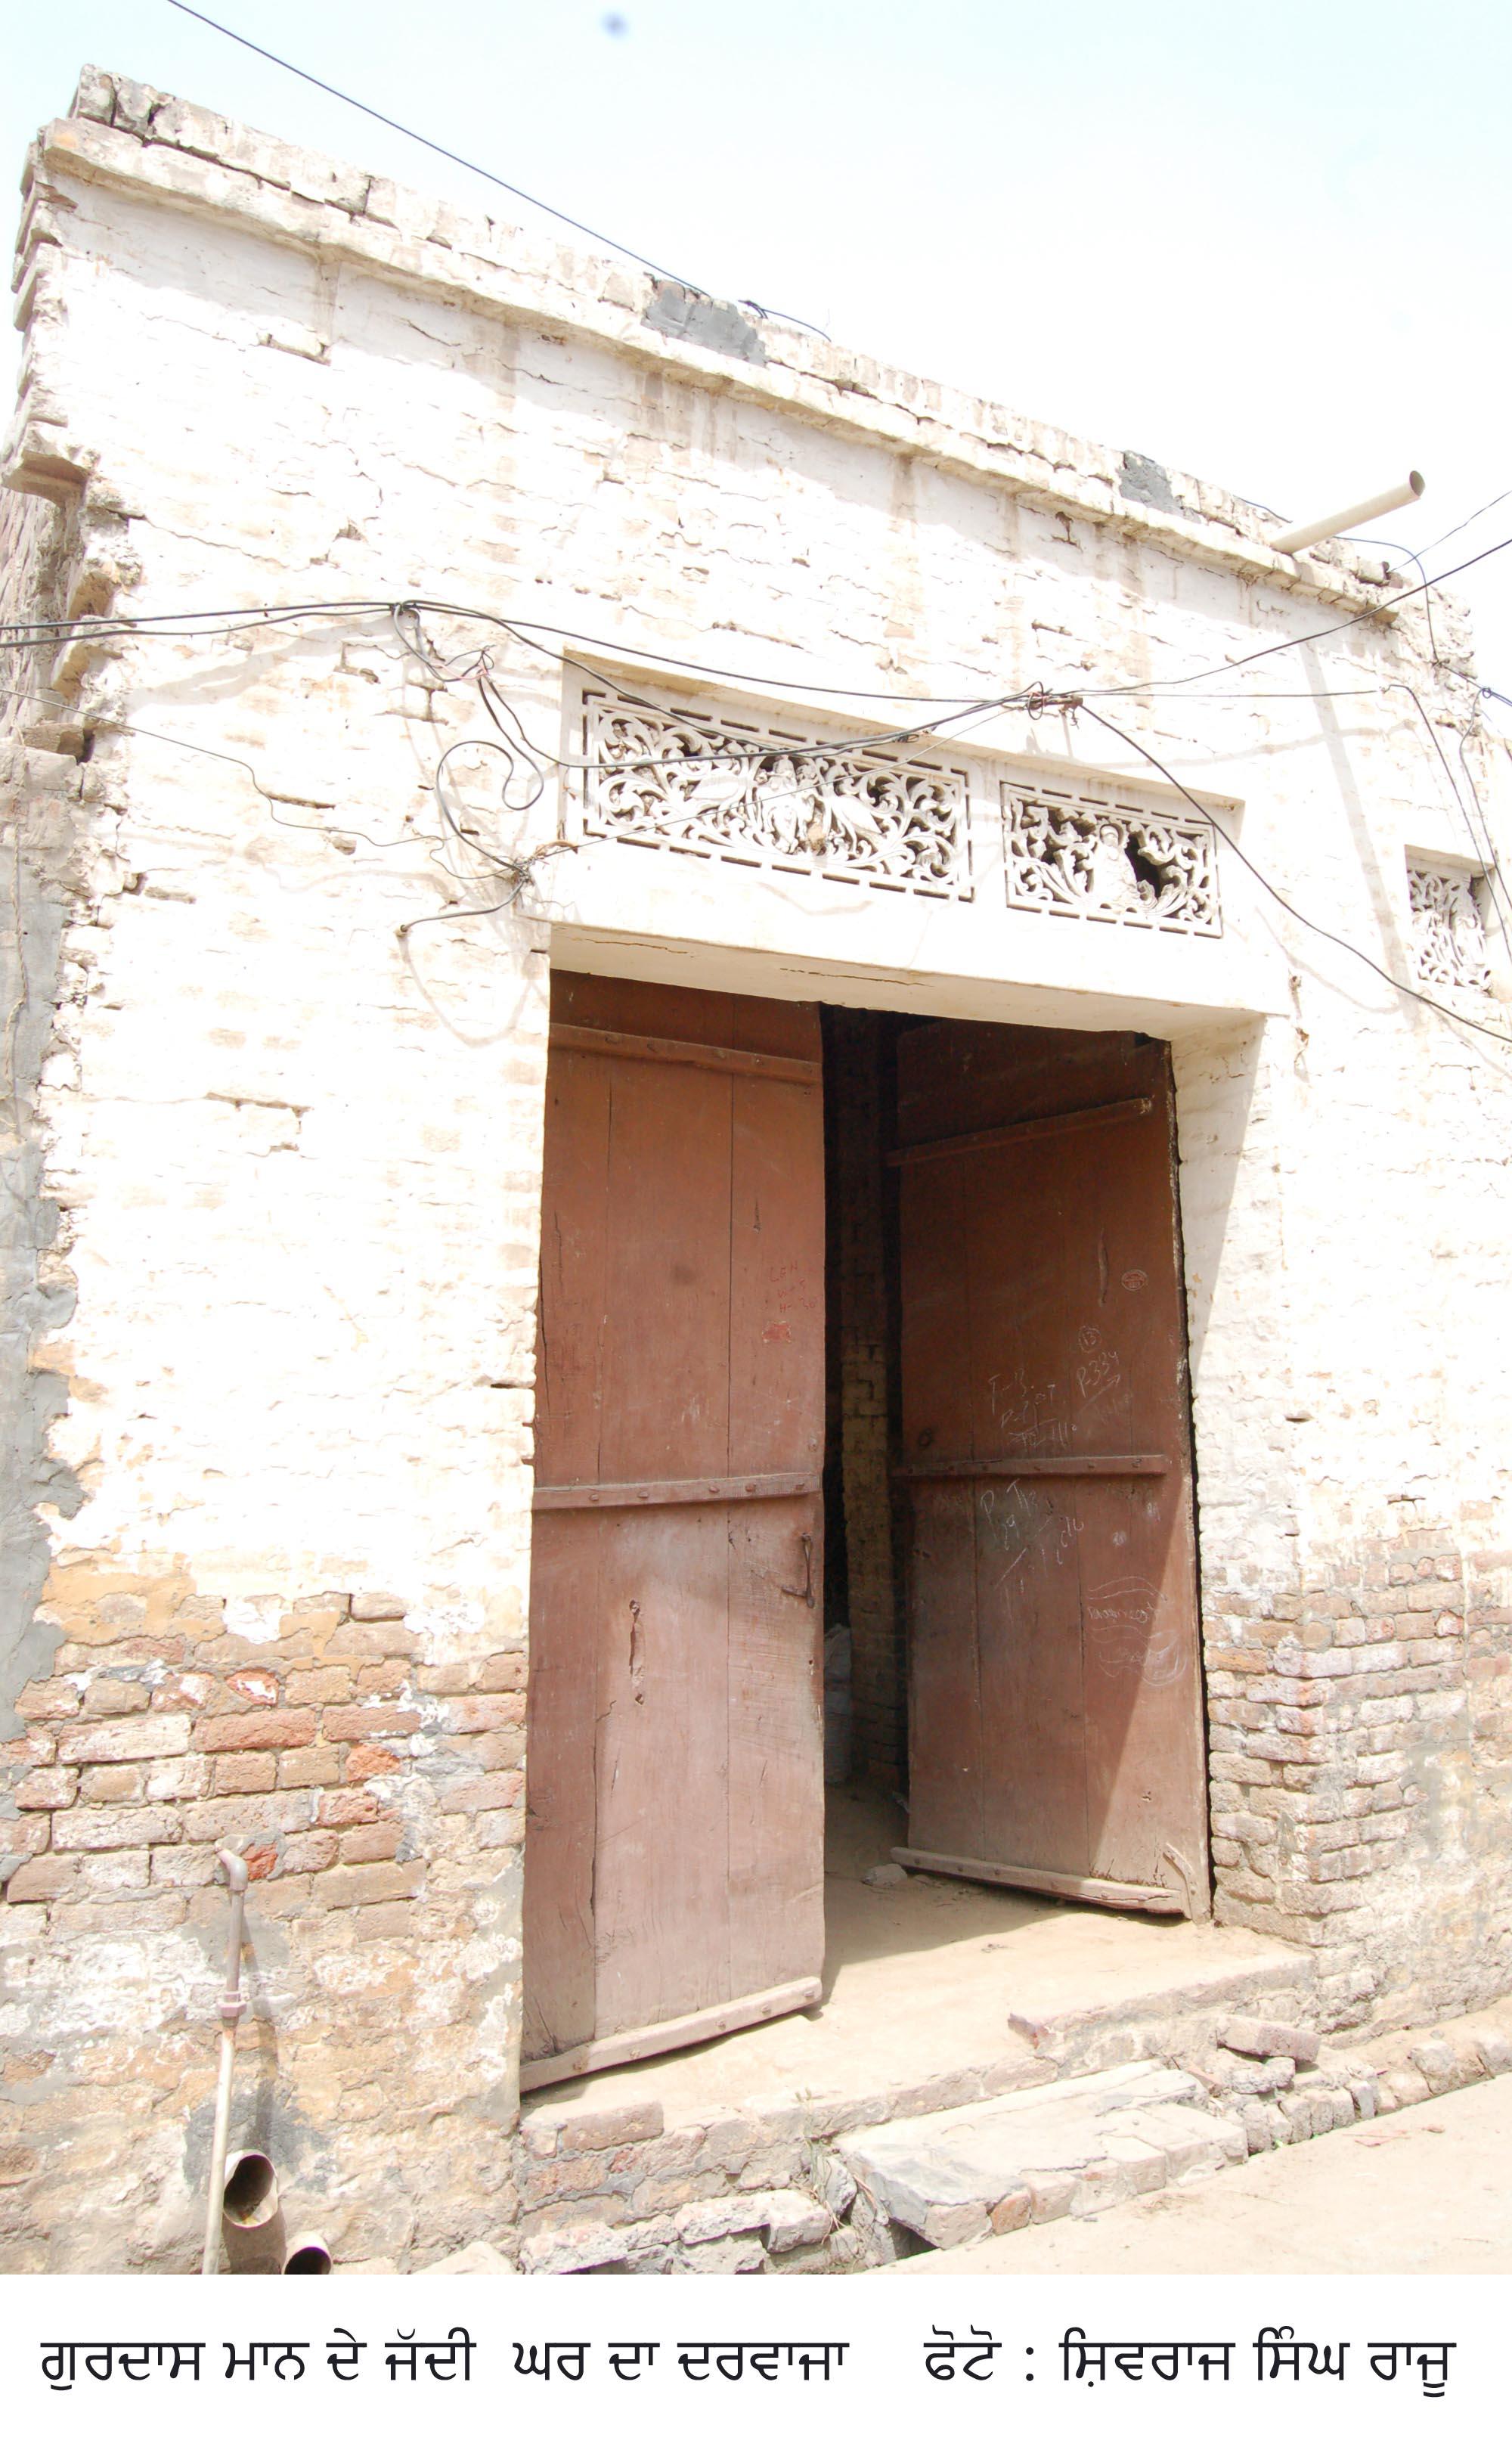 Gurdas mann Home